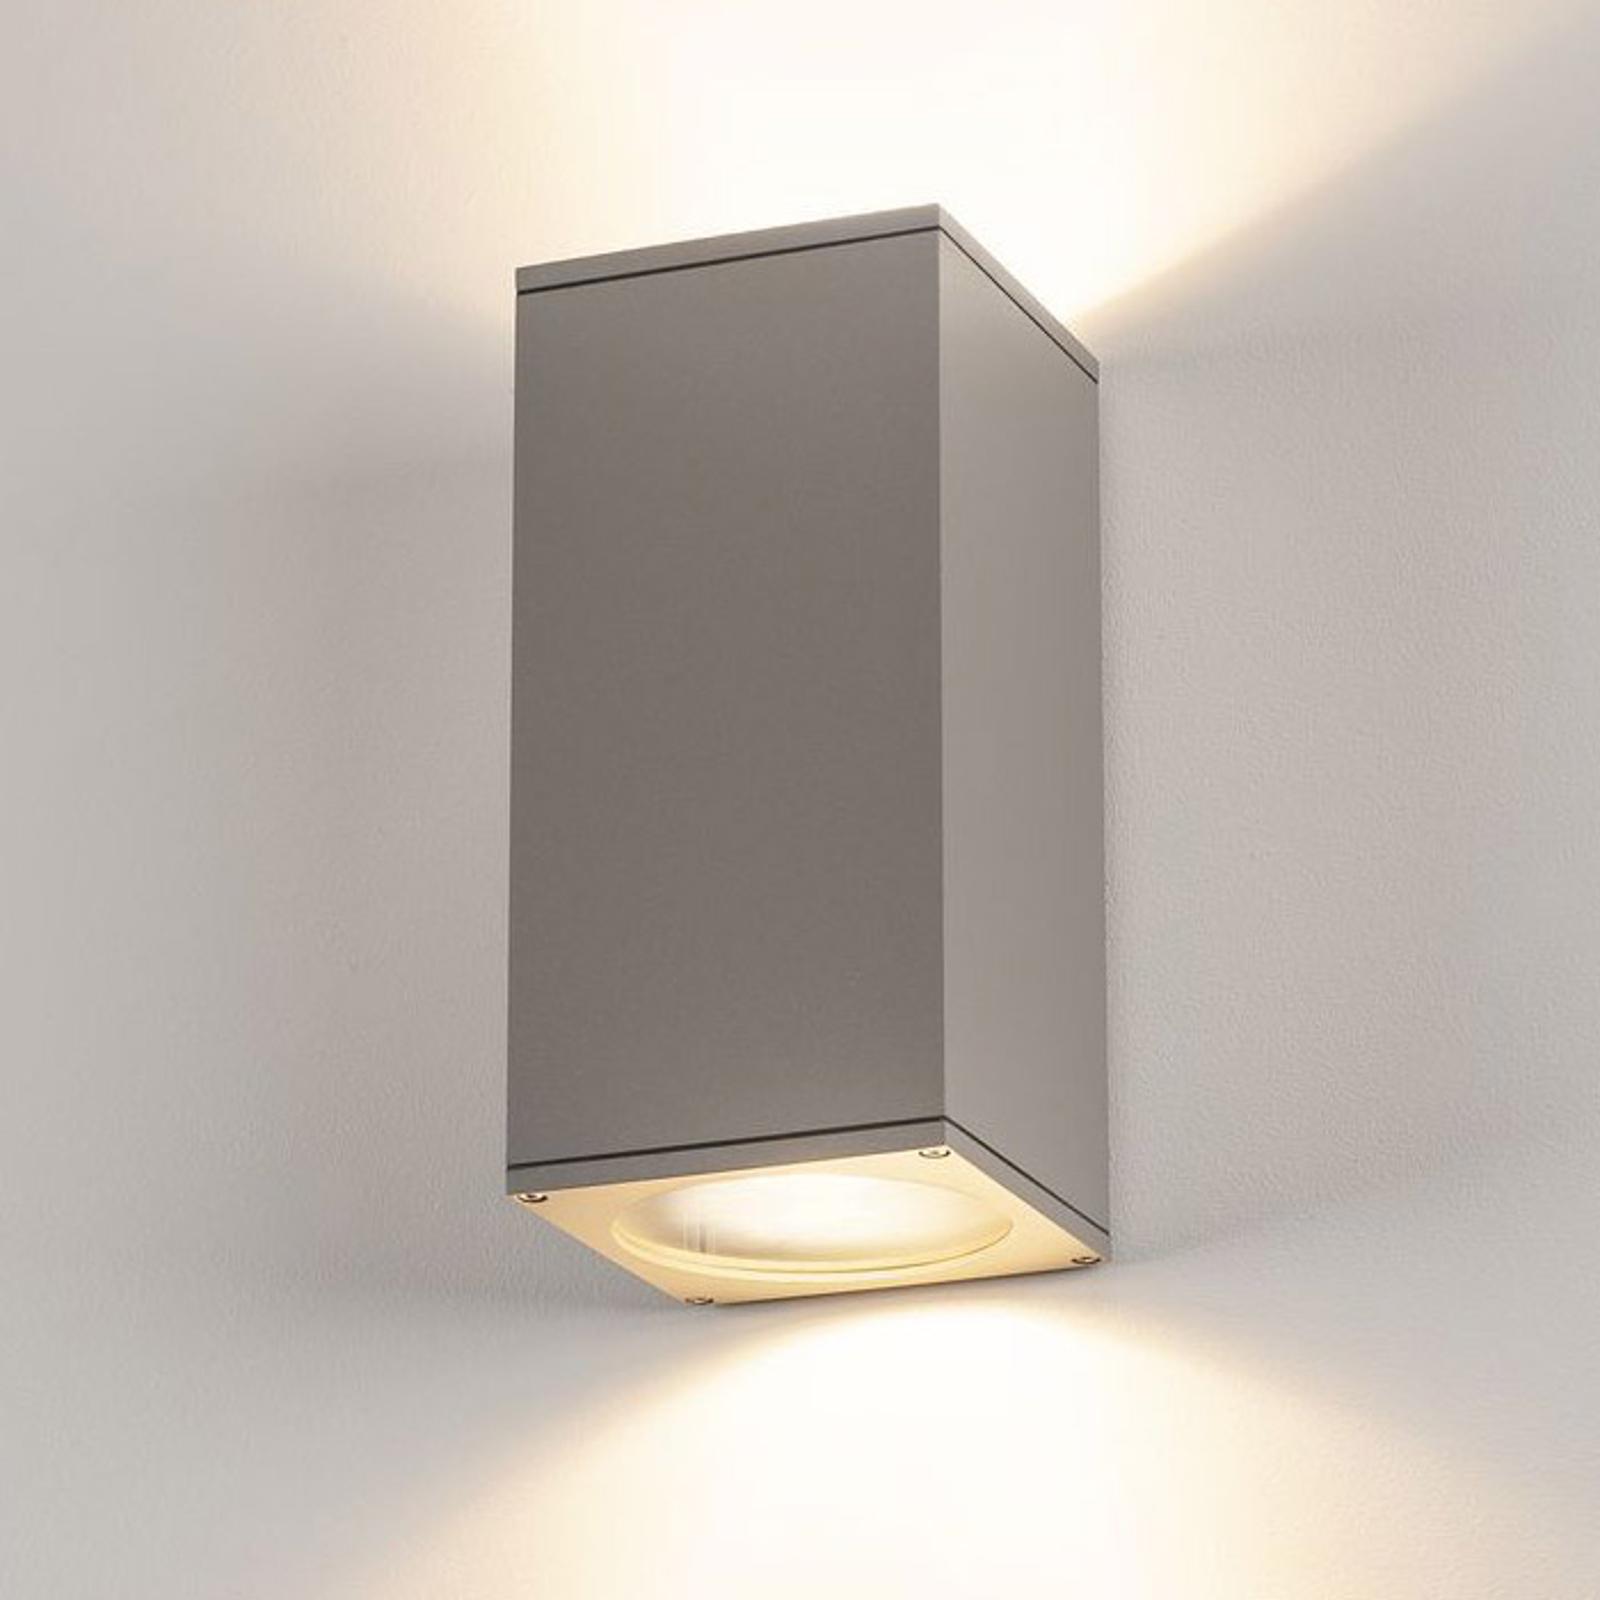 SLV Big Theo Außenwandlampe, 2fl, grau